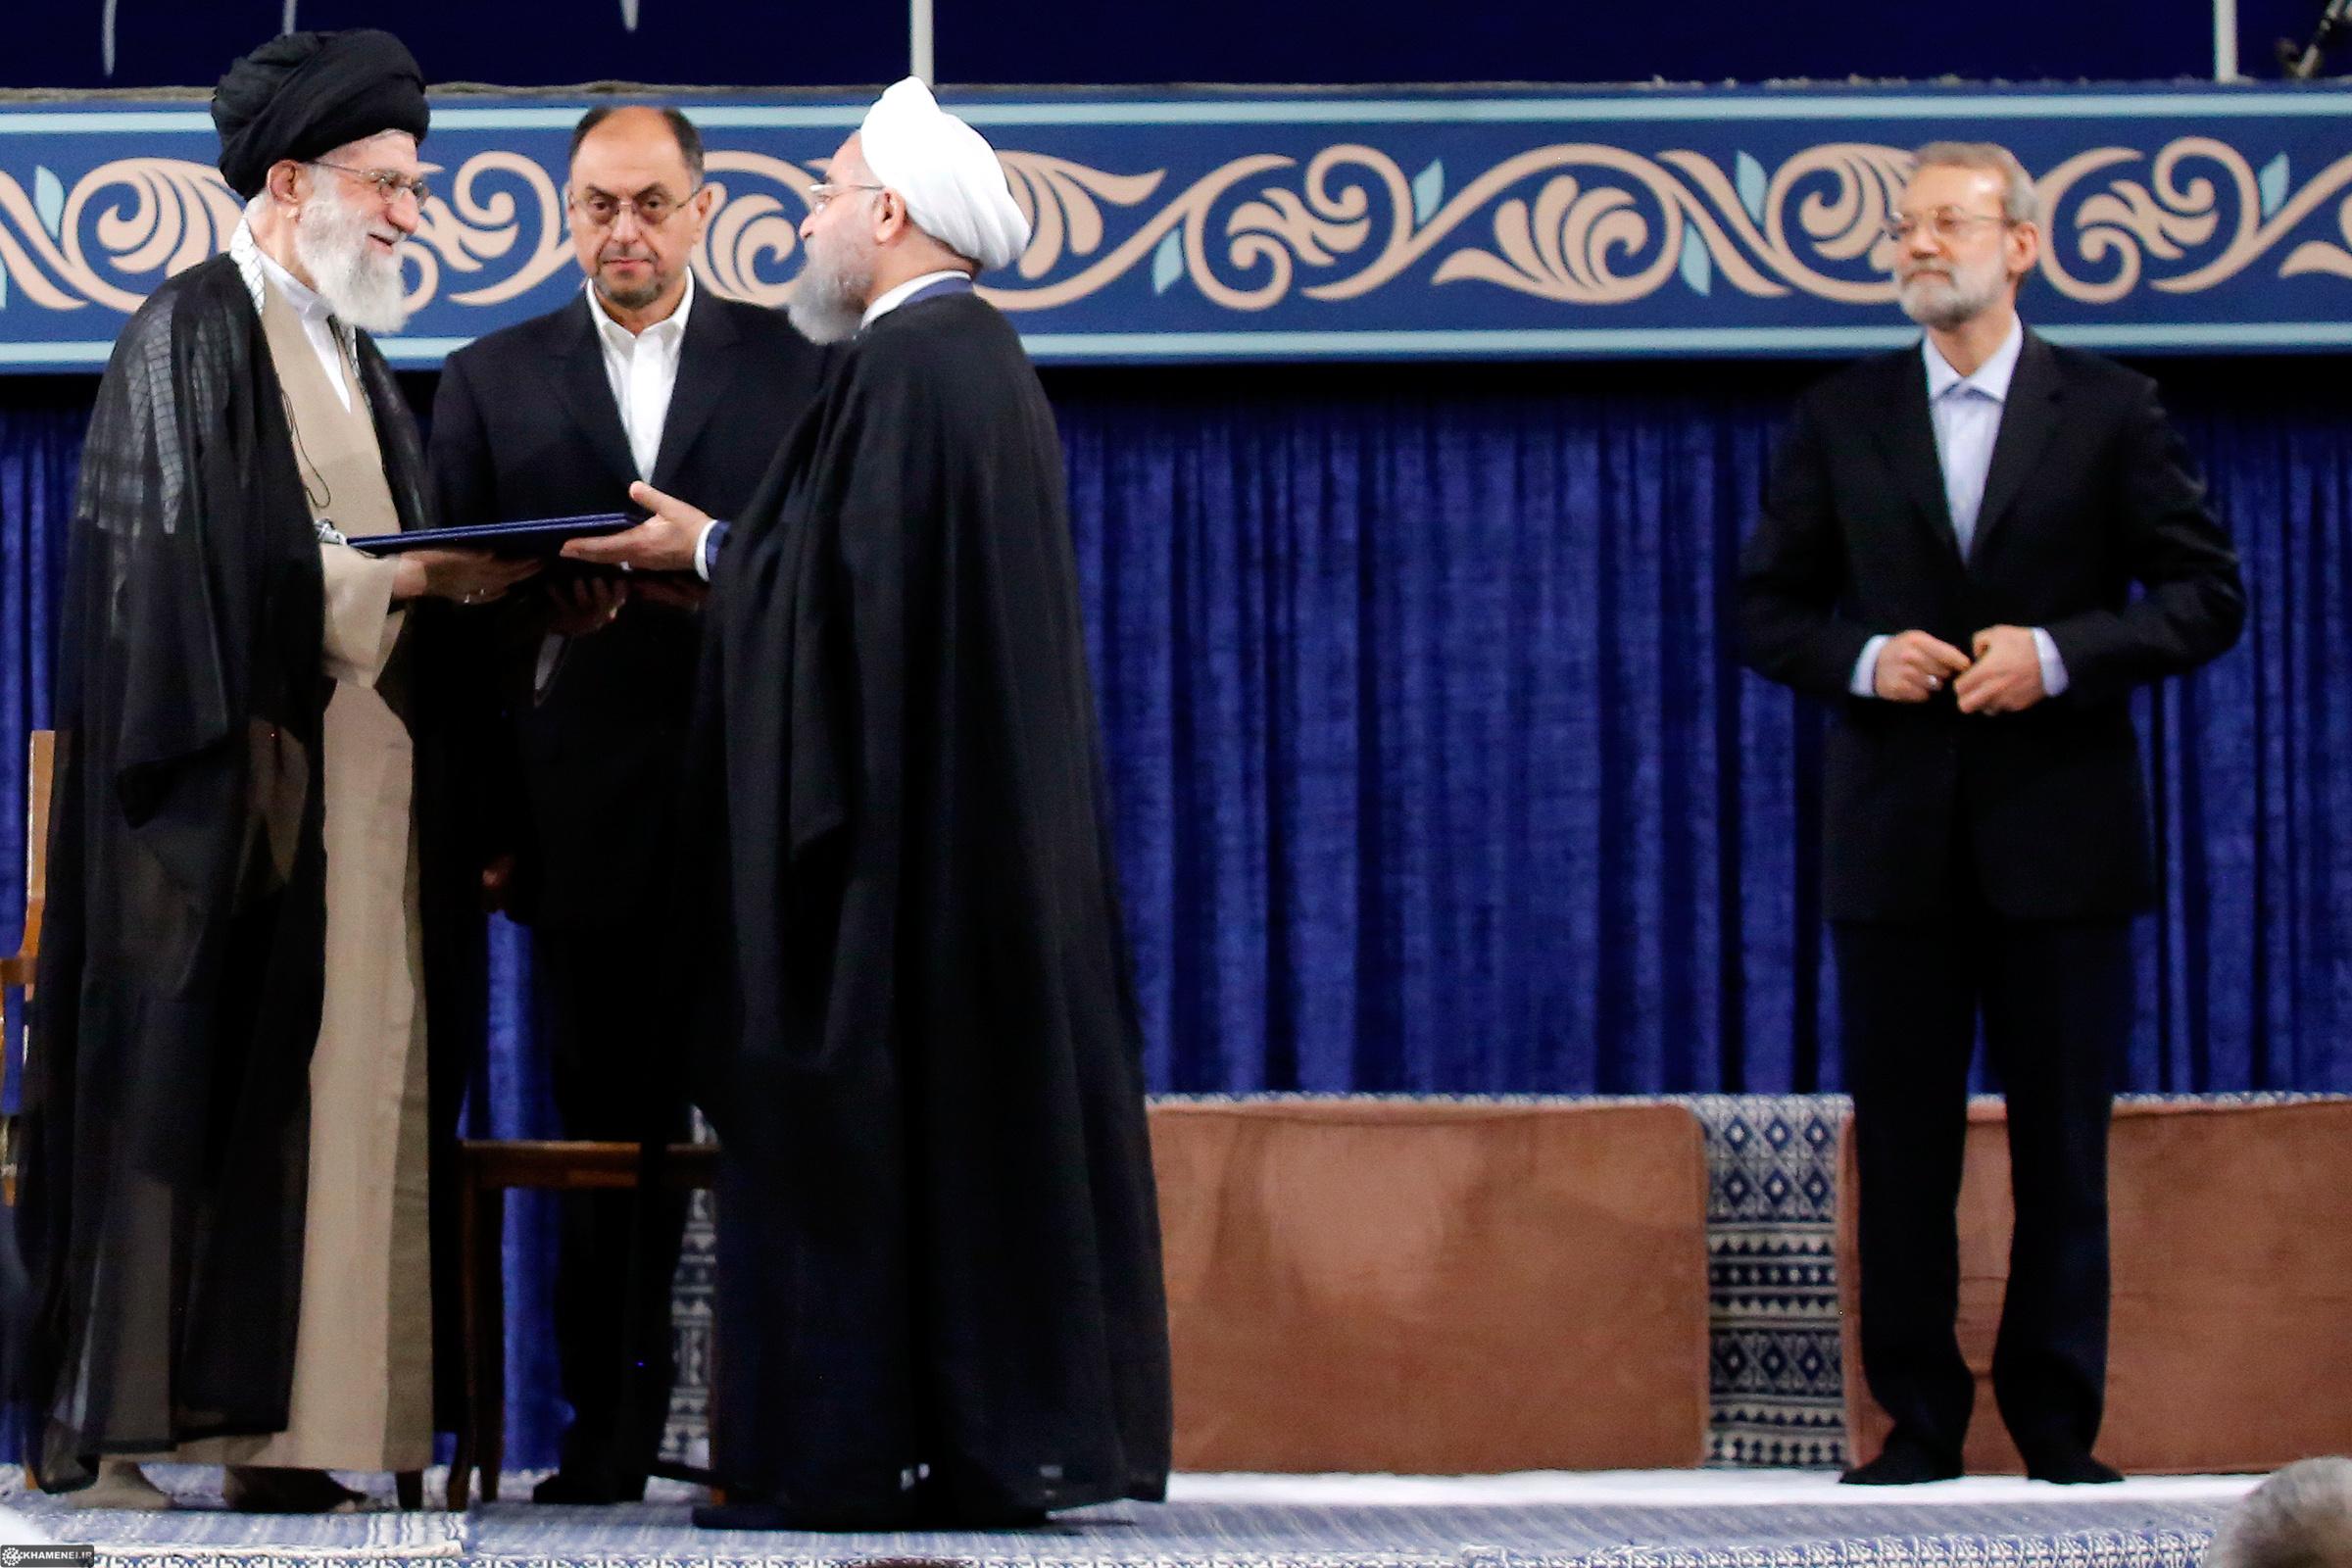 امام خامنهای حجتالاسلام روحانی را به ریاستجمهوری منصوب کردند + متن حکم تنفیذ